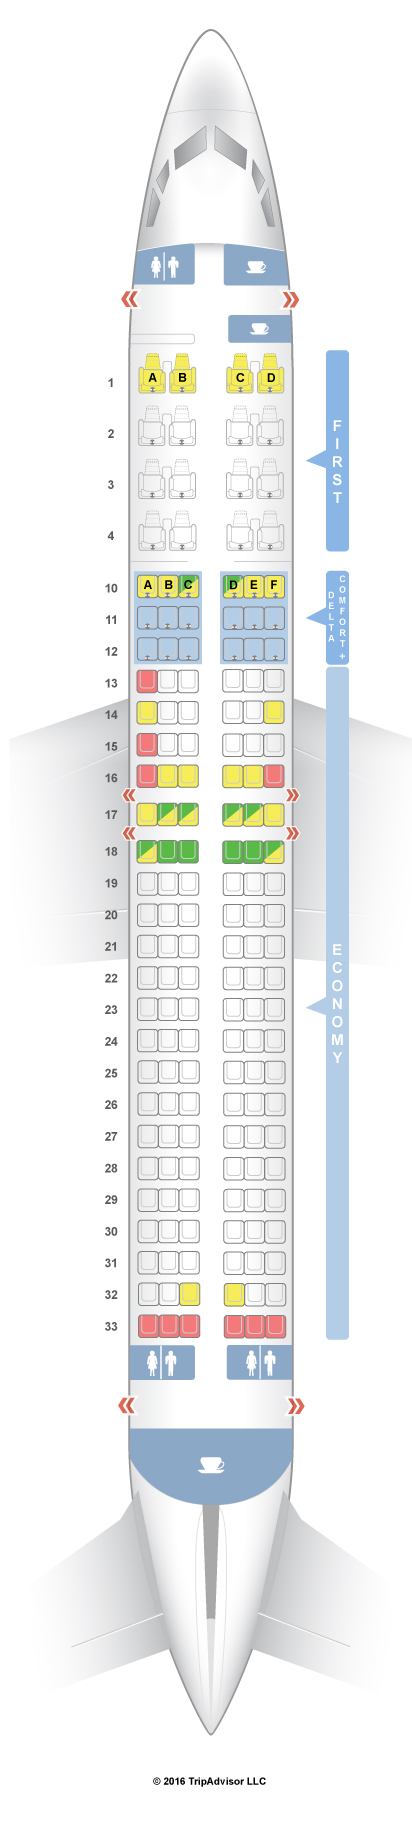 Seatguru seat map delta boeing  also repul gep pinterest rh